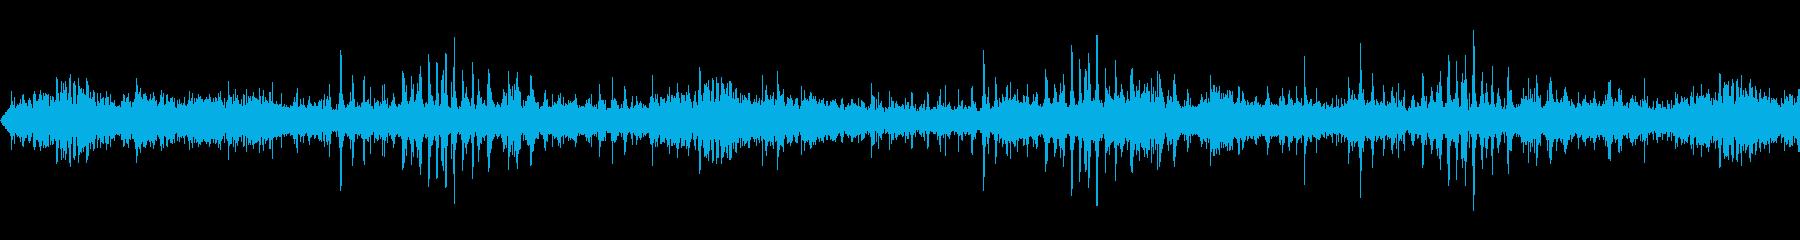 鳥3の再生済みの波形